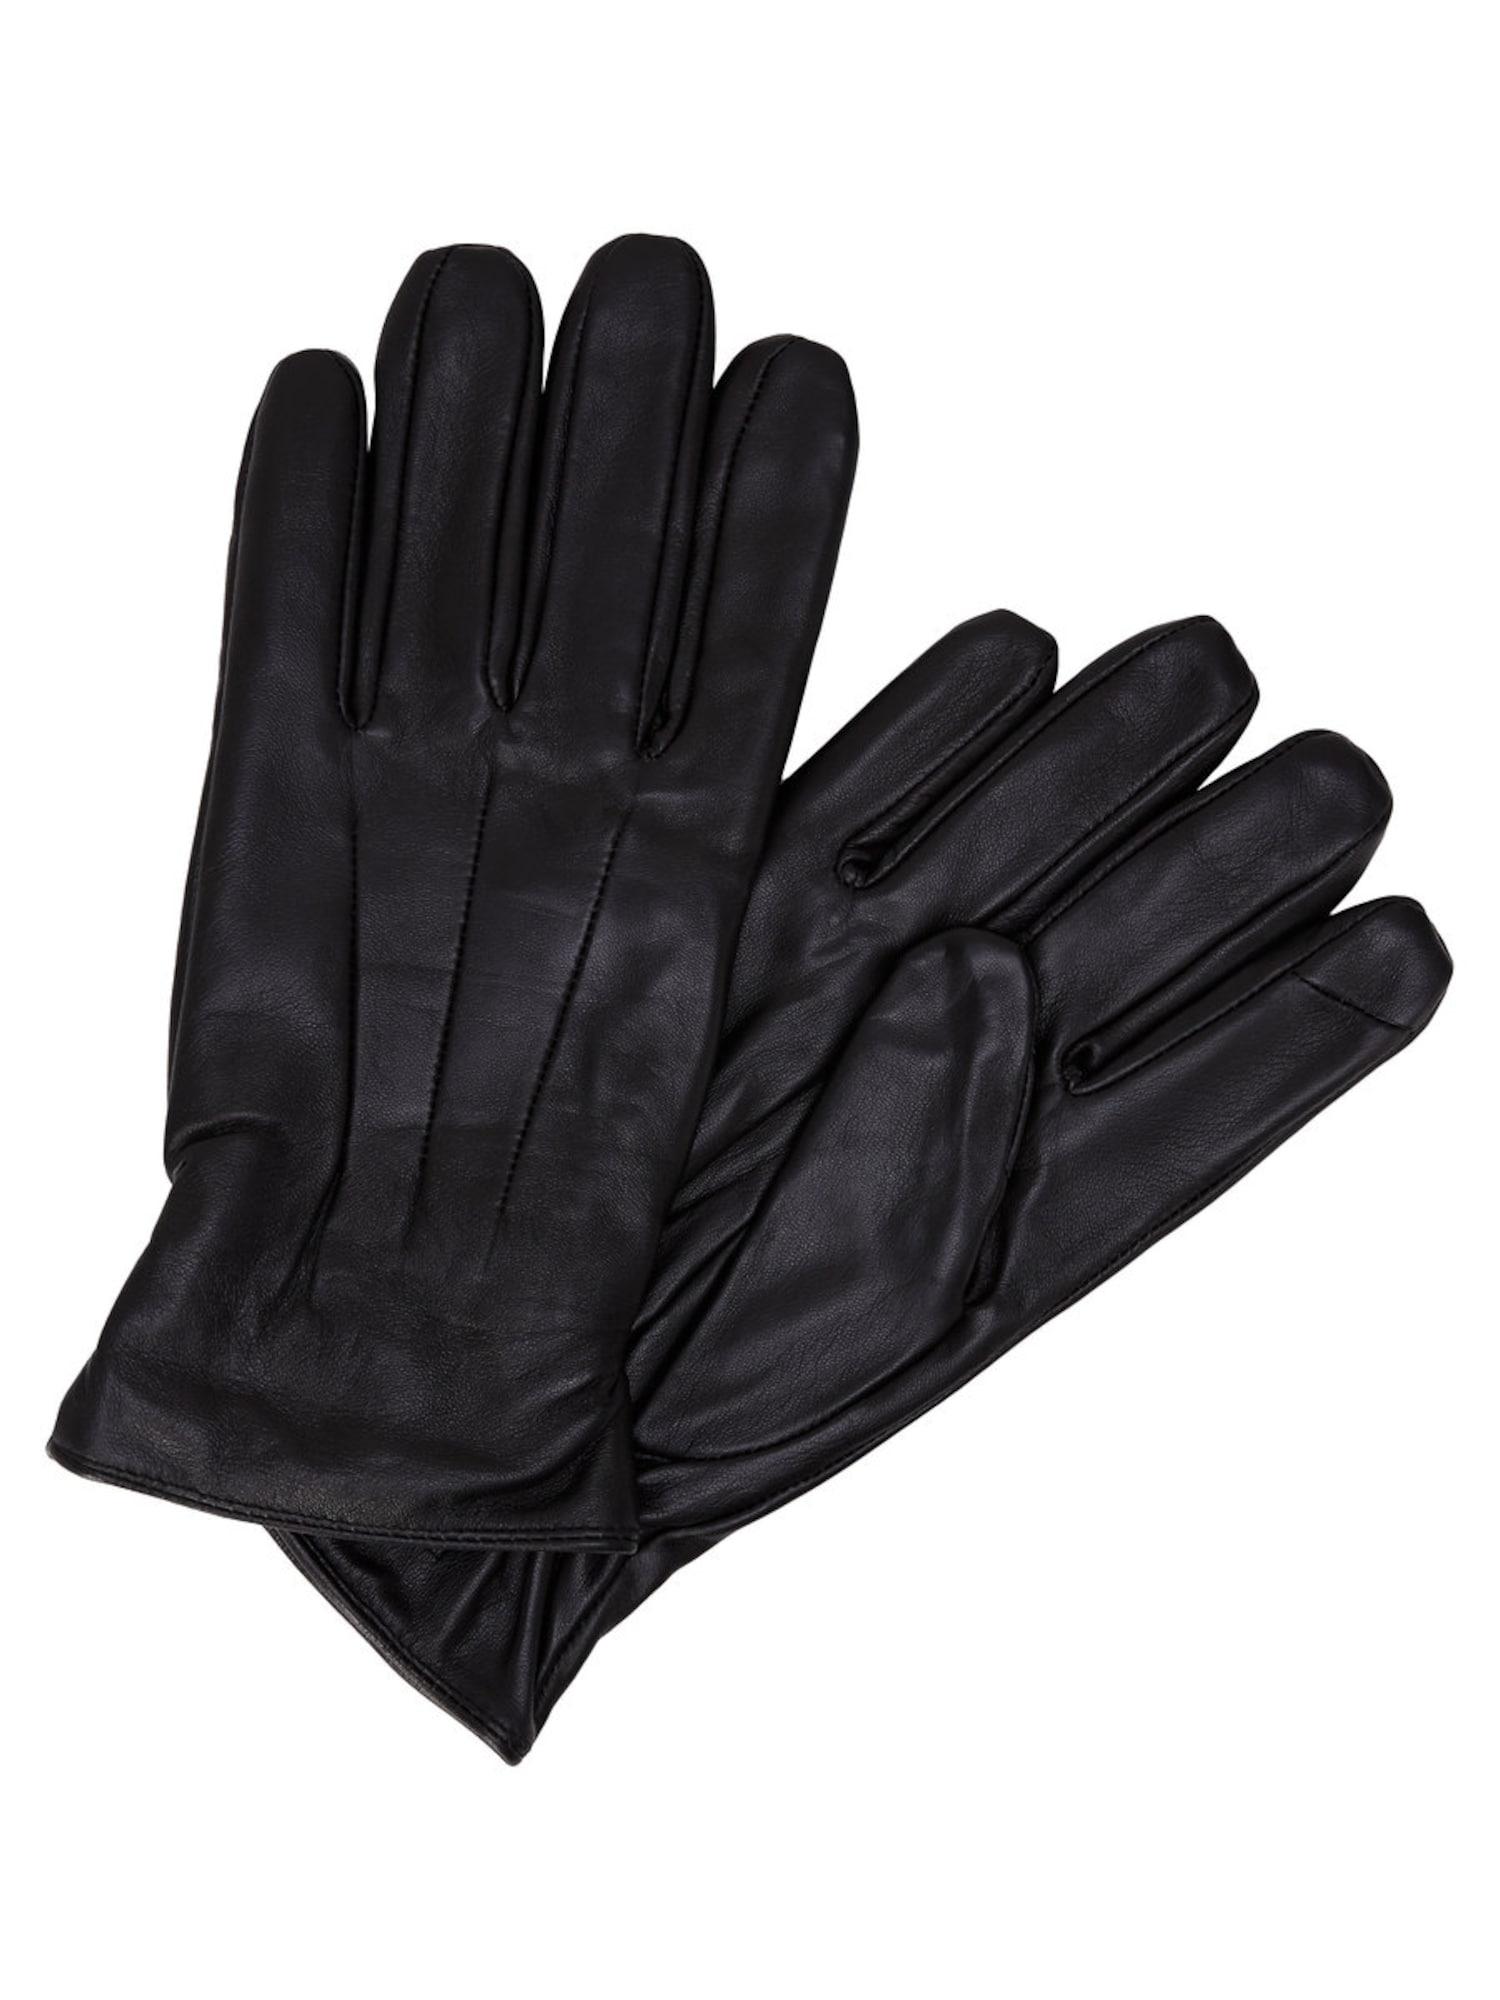 Handschuhe Leder | Accessoires > Handschuhe > Lederhandschuhe | jack & jones